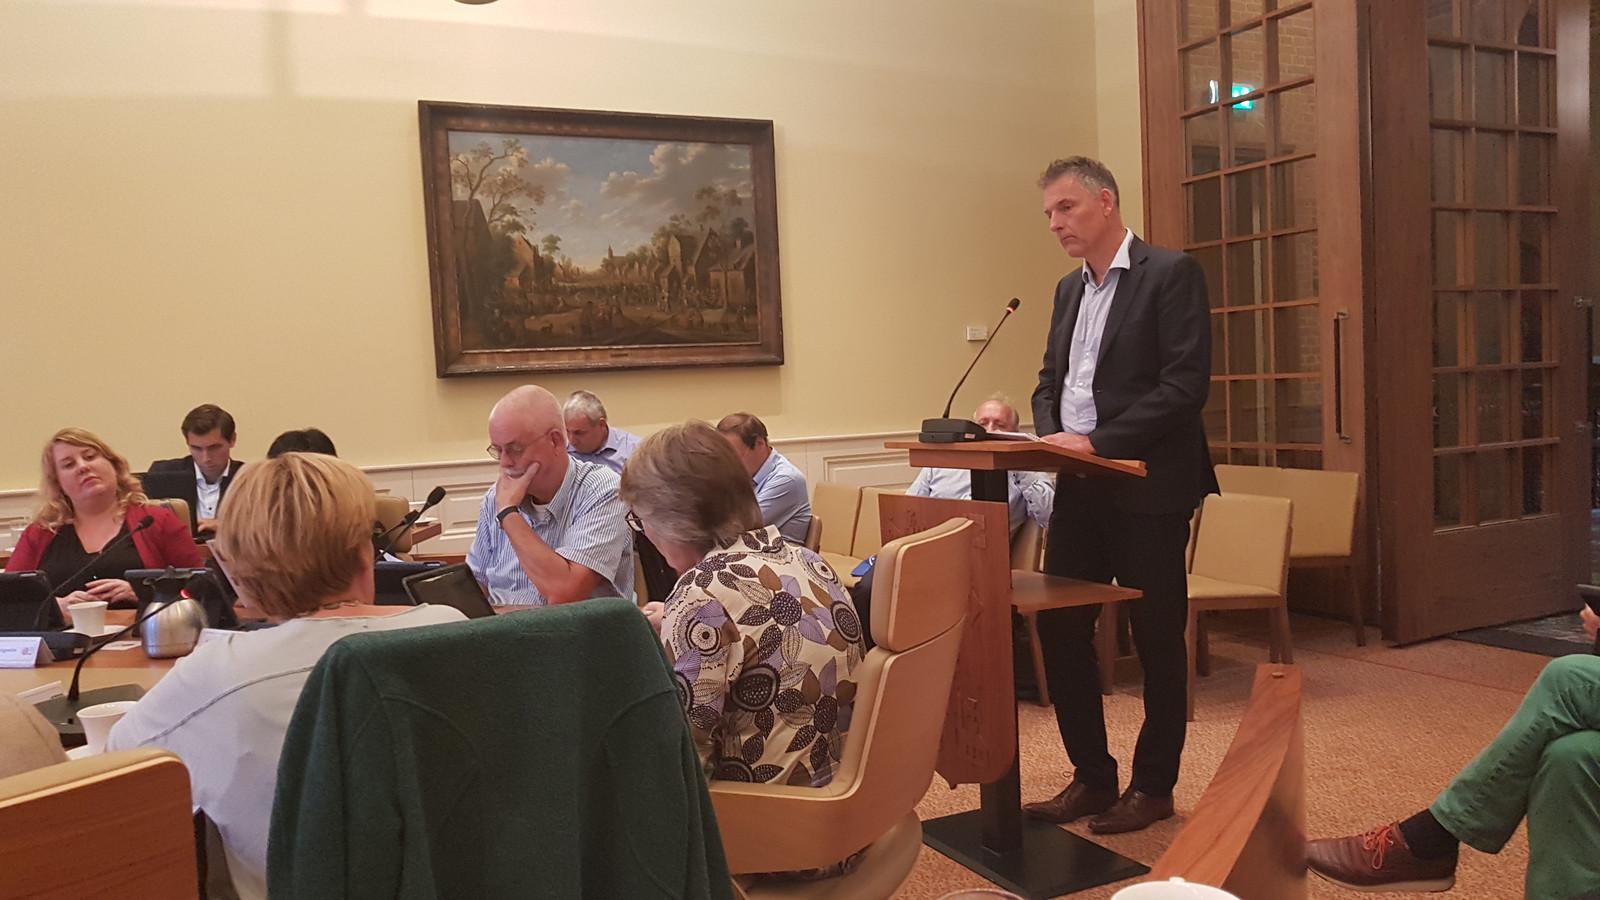 Directeur Jeroen van den Eijnde van nationaal monument Kamp Vught sprak de commissieleden aan het begin van de bijeenkomst toe